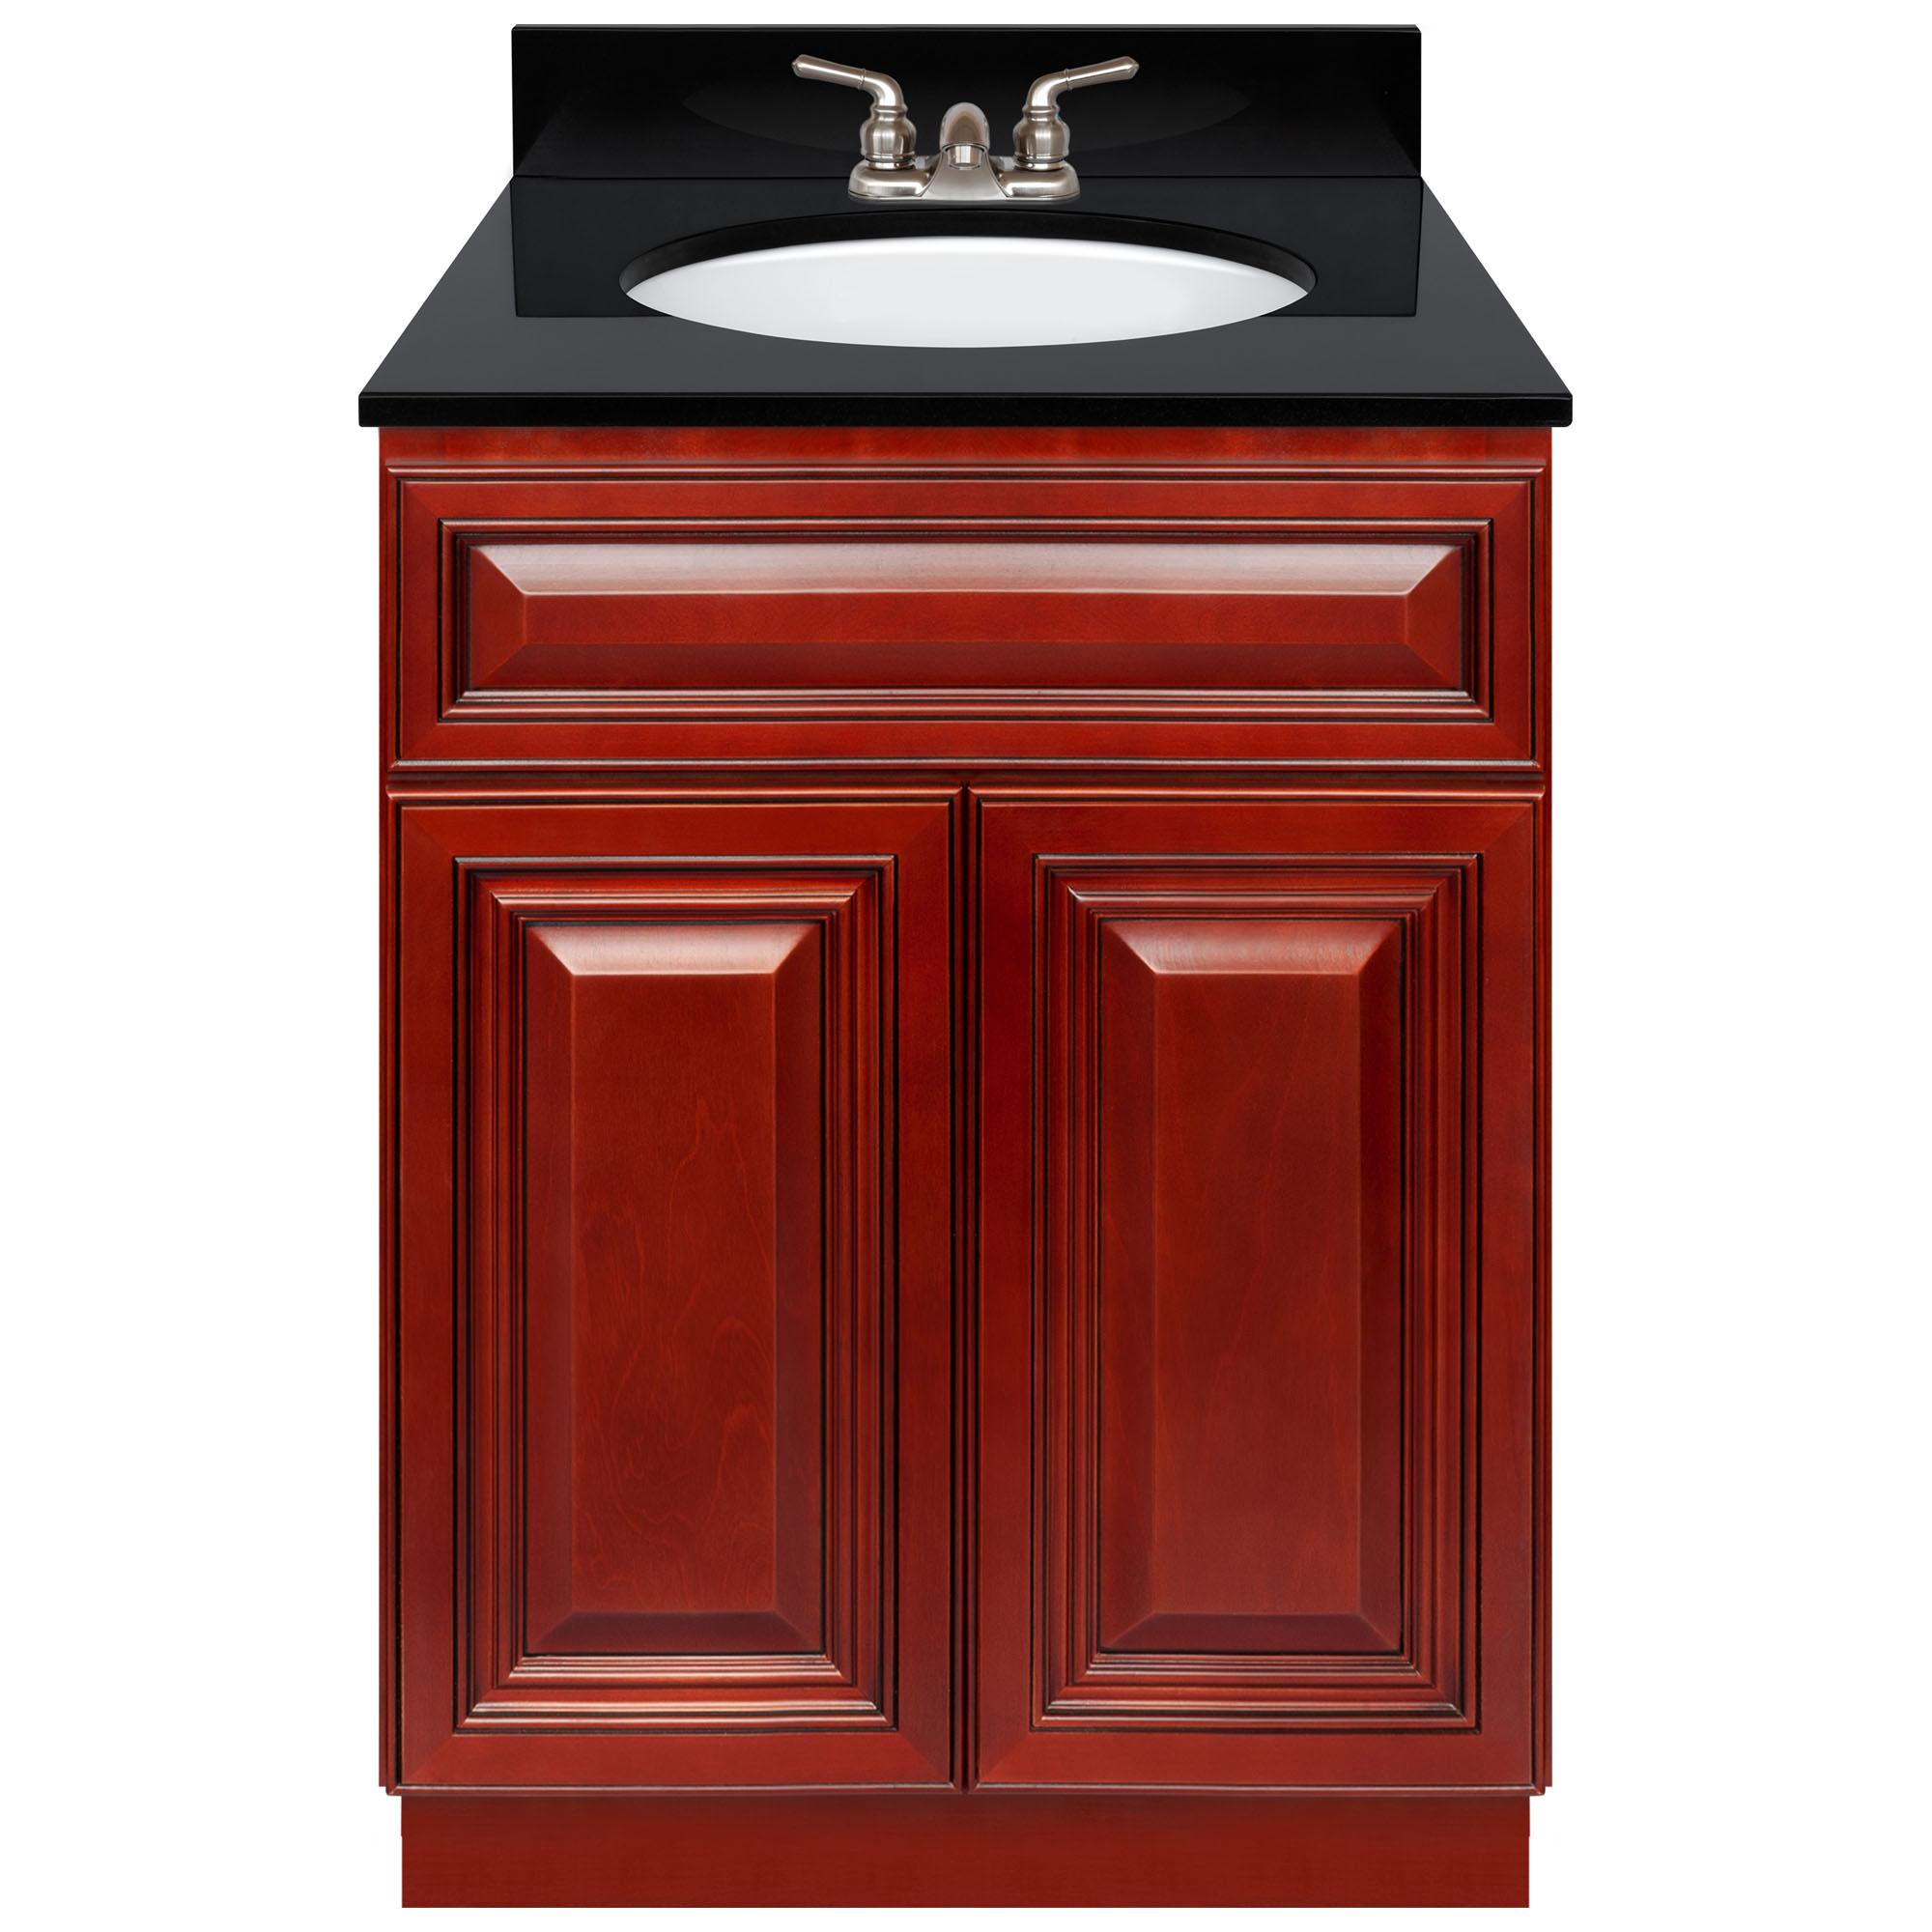 Cherry Bathroom Vanity 24 Absolute Black Granite Top Faucet Lb3b Walmart Com Walmart Com